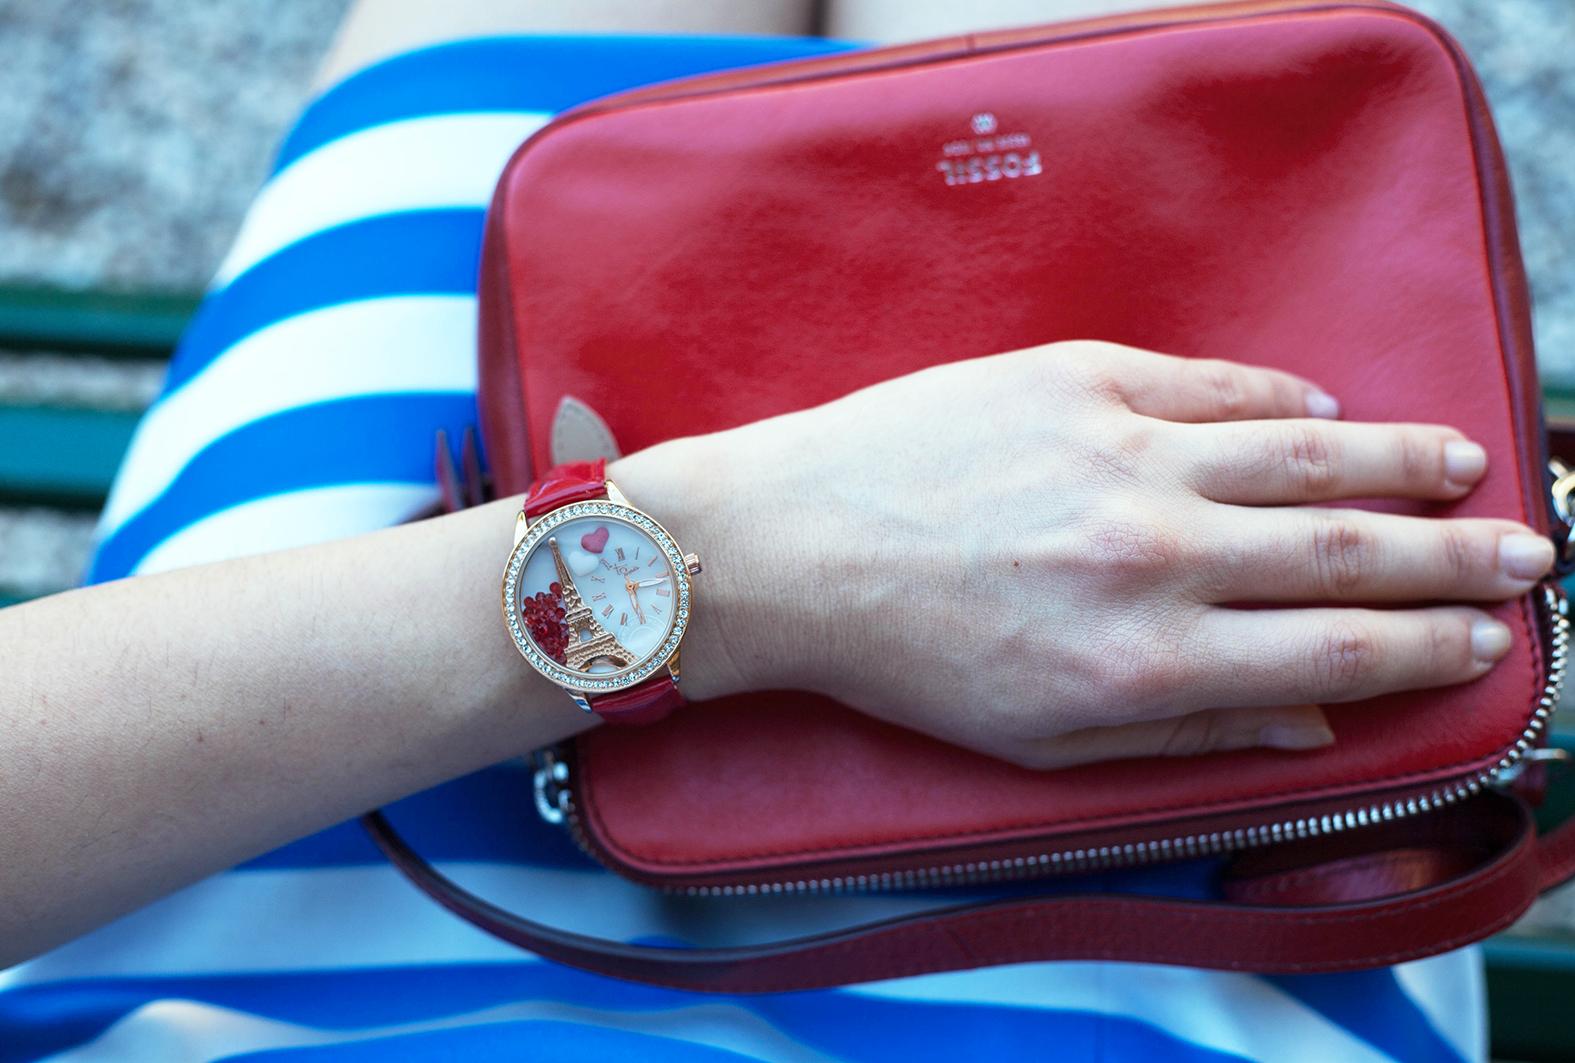 outfit-alessia-canella-vestito-righe-bianche-azzurre-orologio-parigi